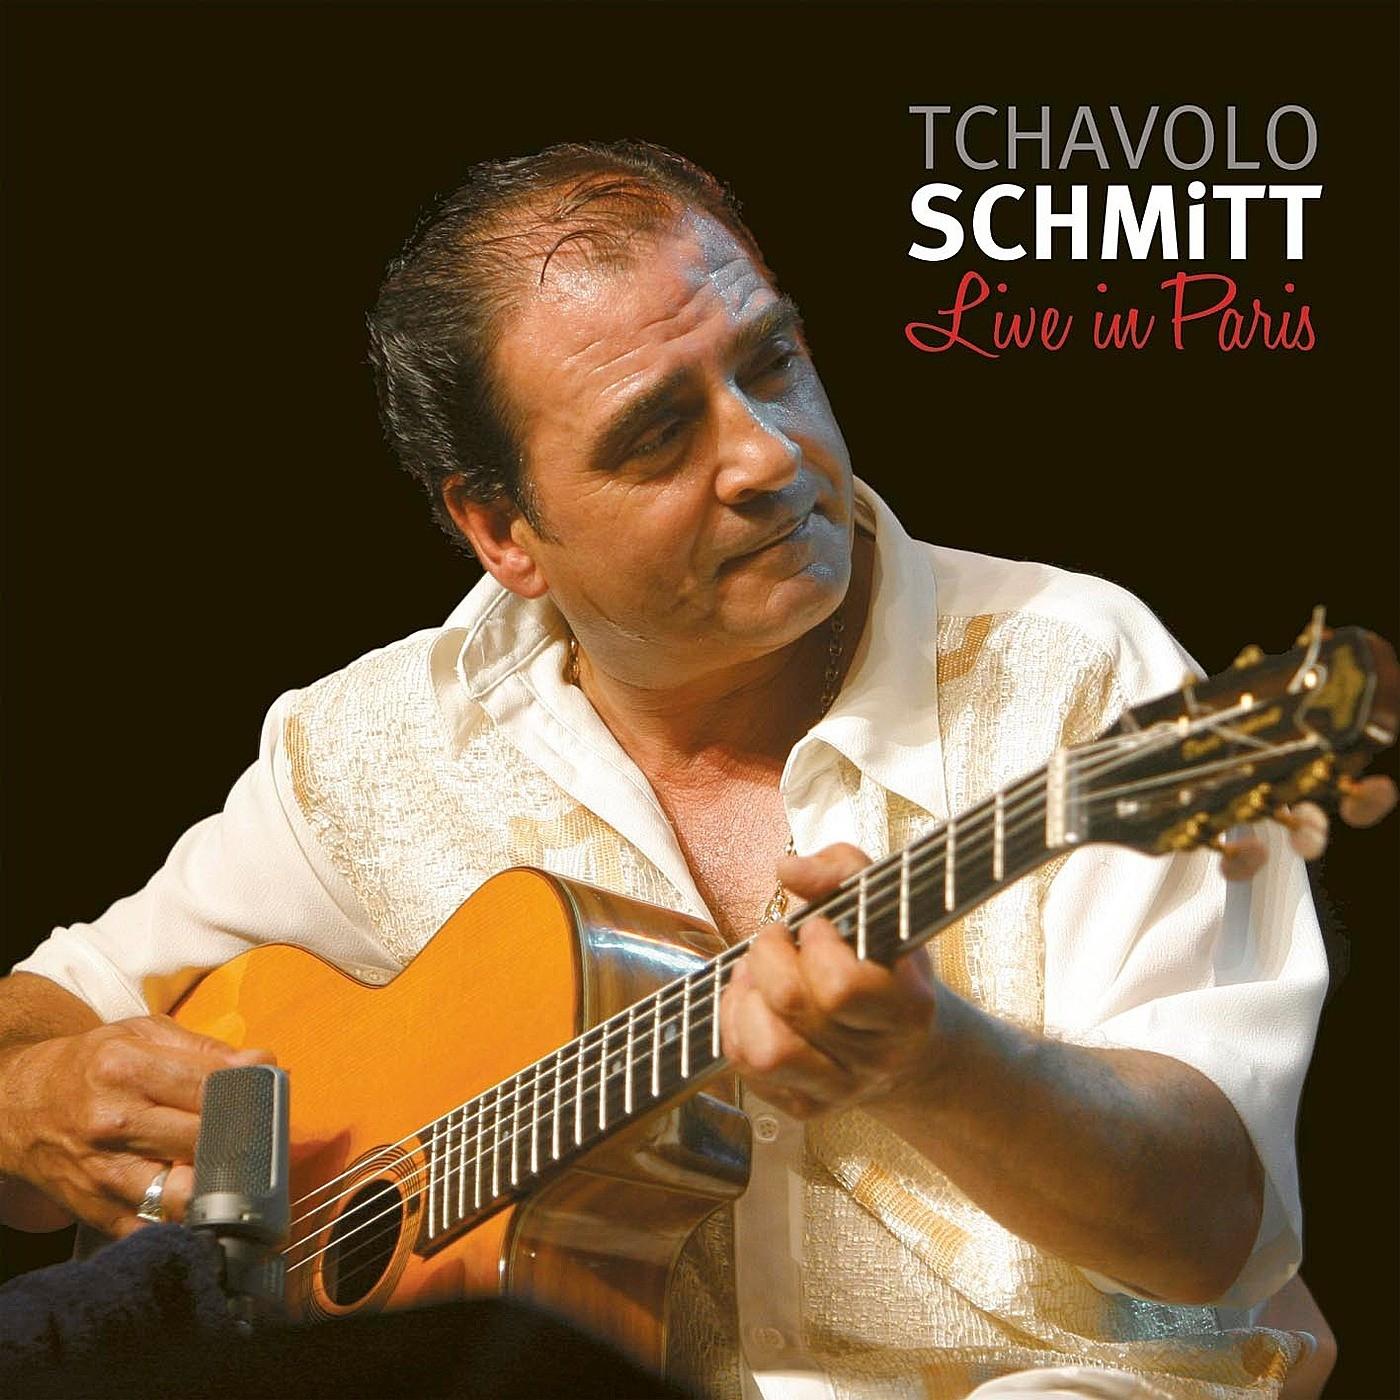 Concert Tchavolo Schmitt - Jazz manouche